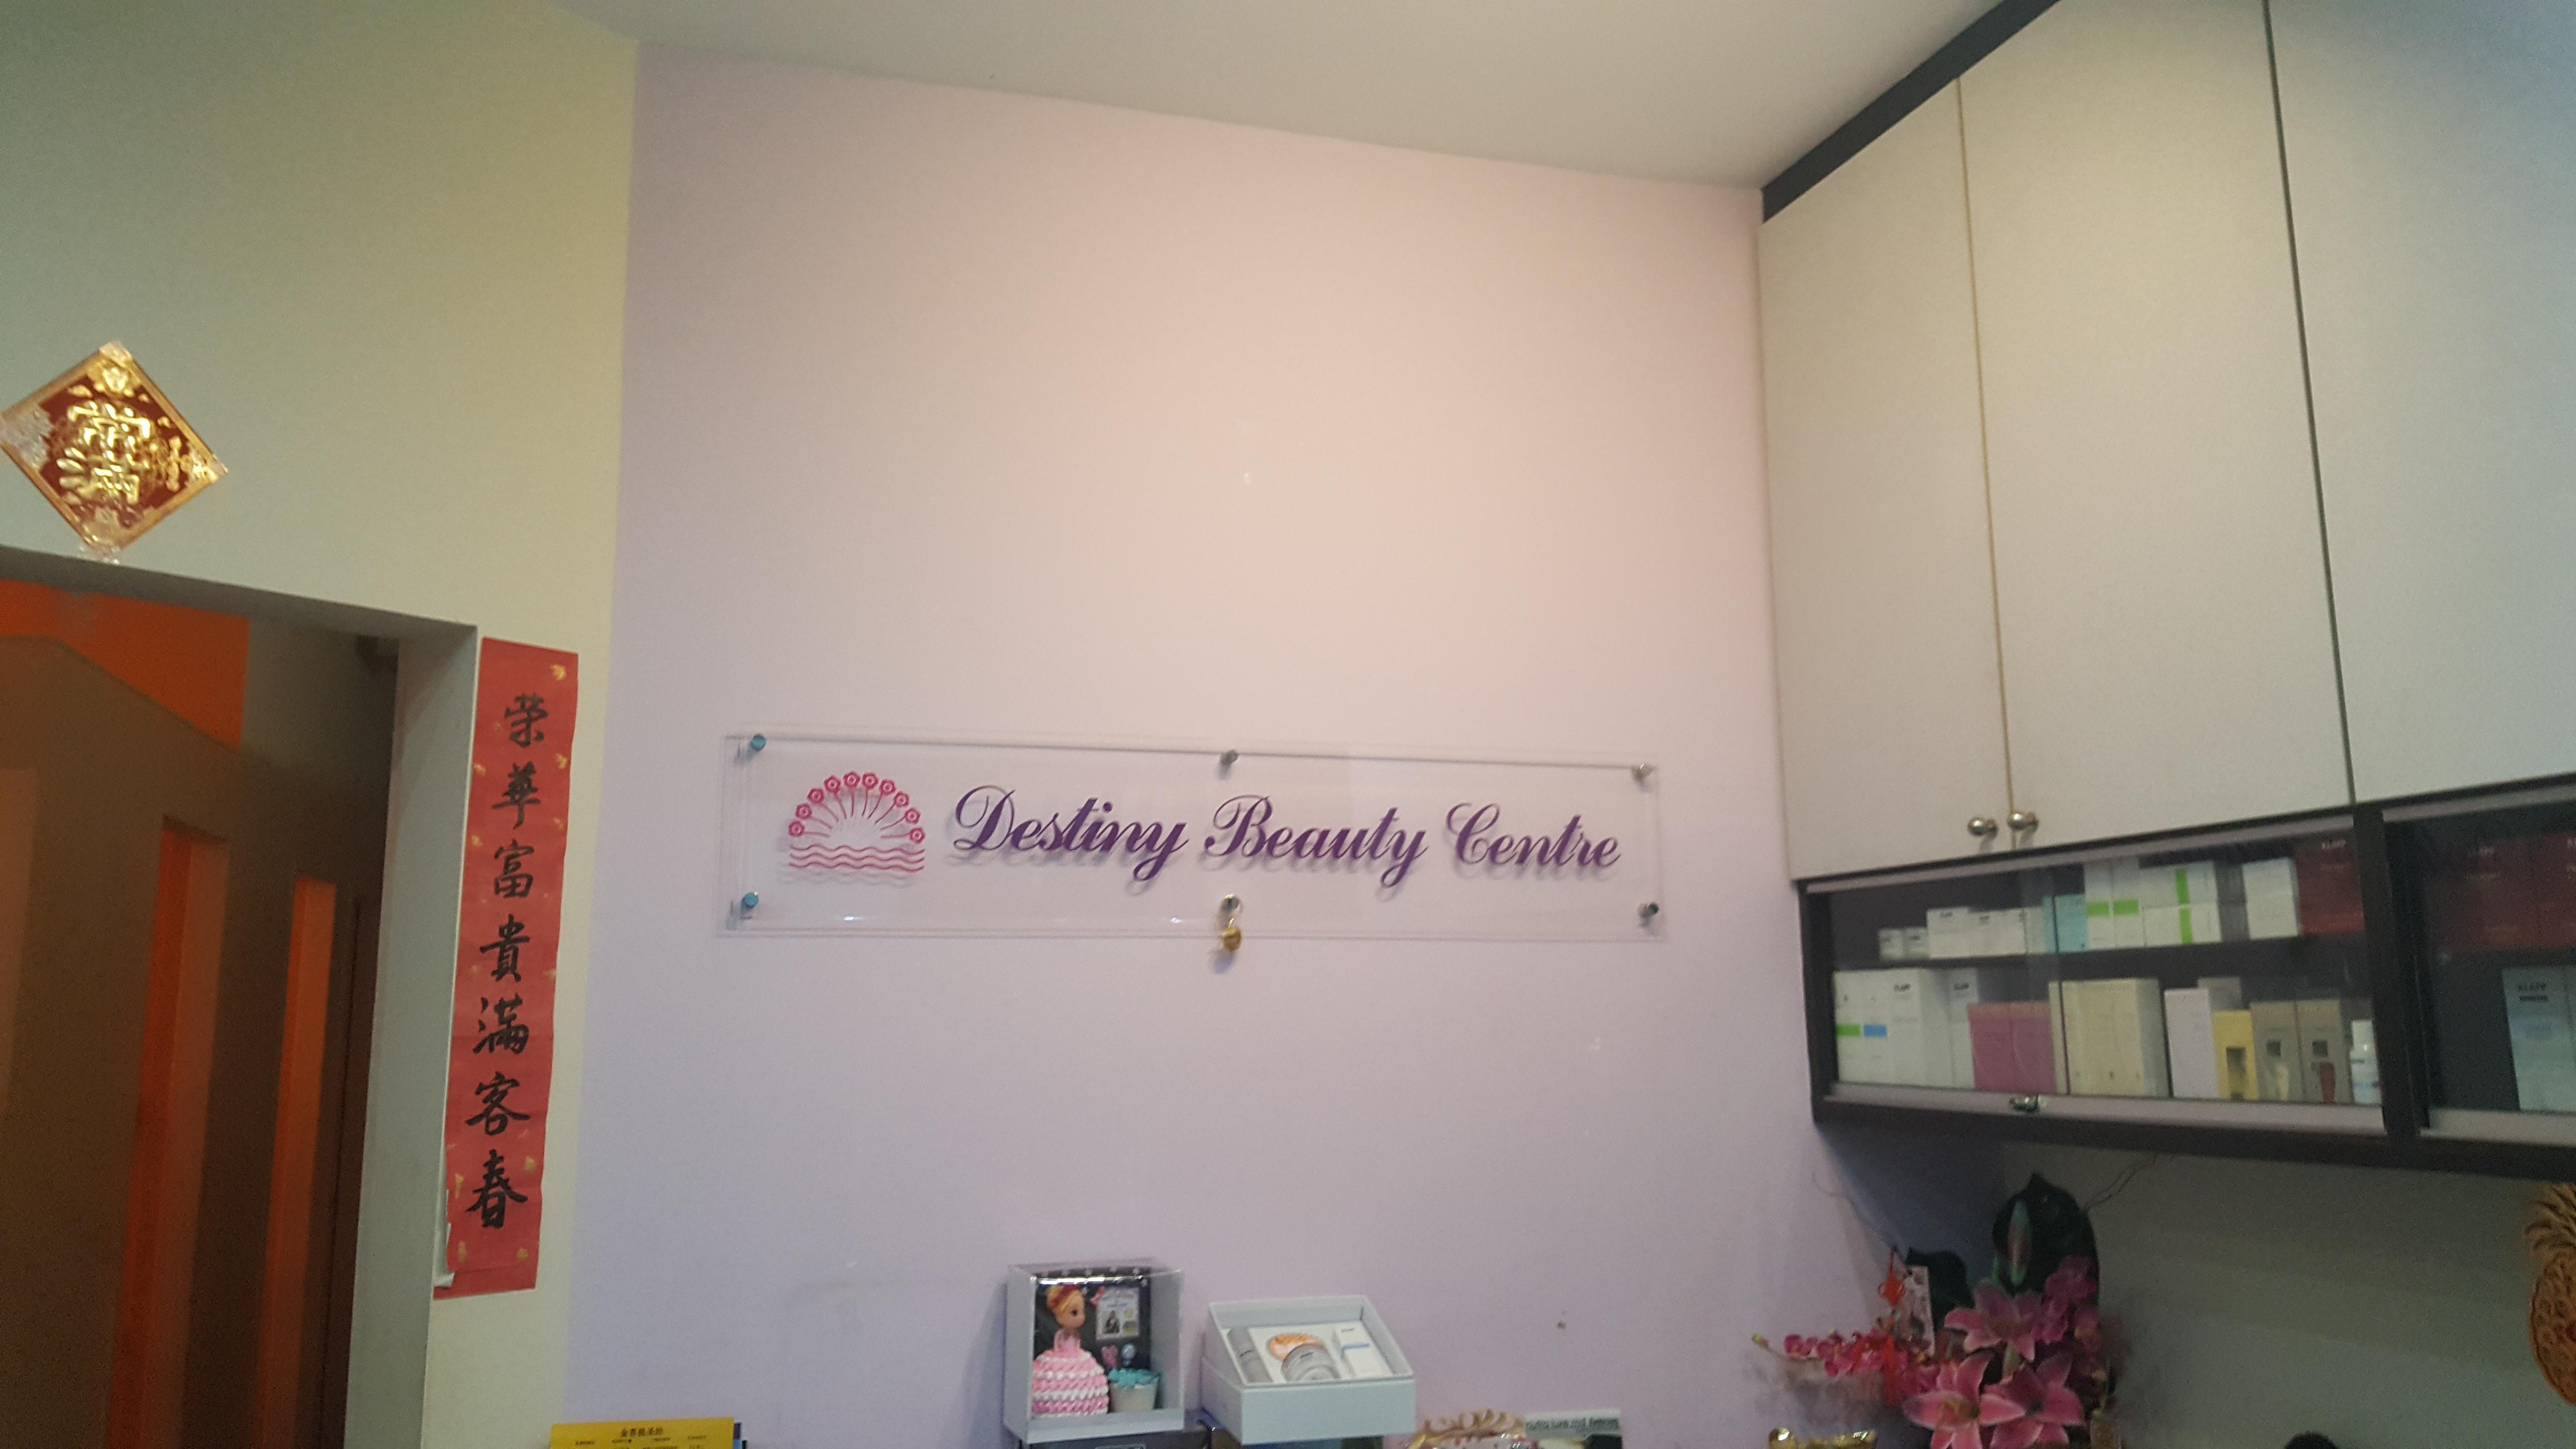 Destiny beauty centre